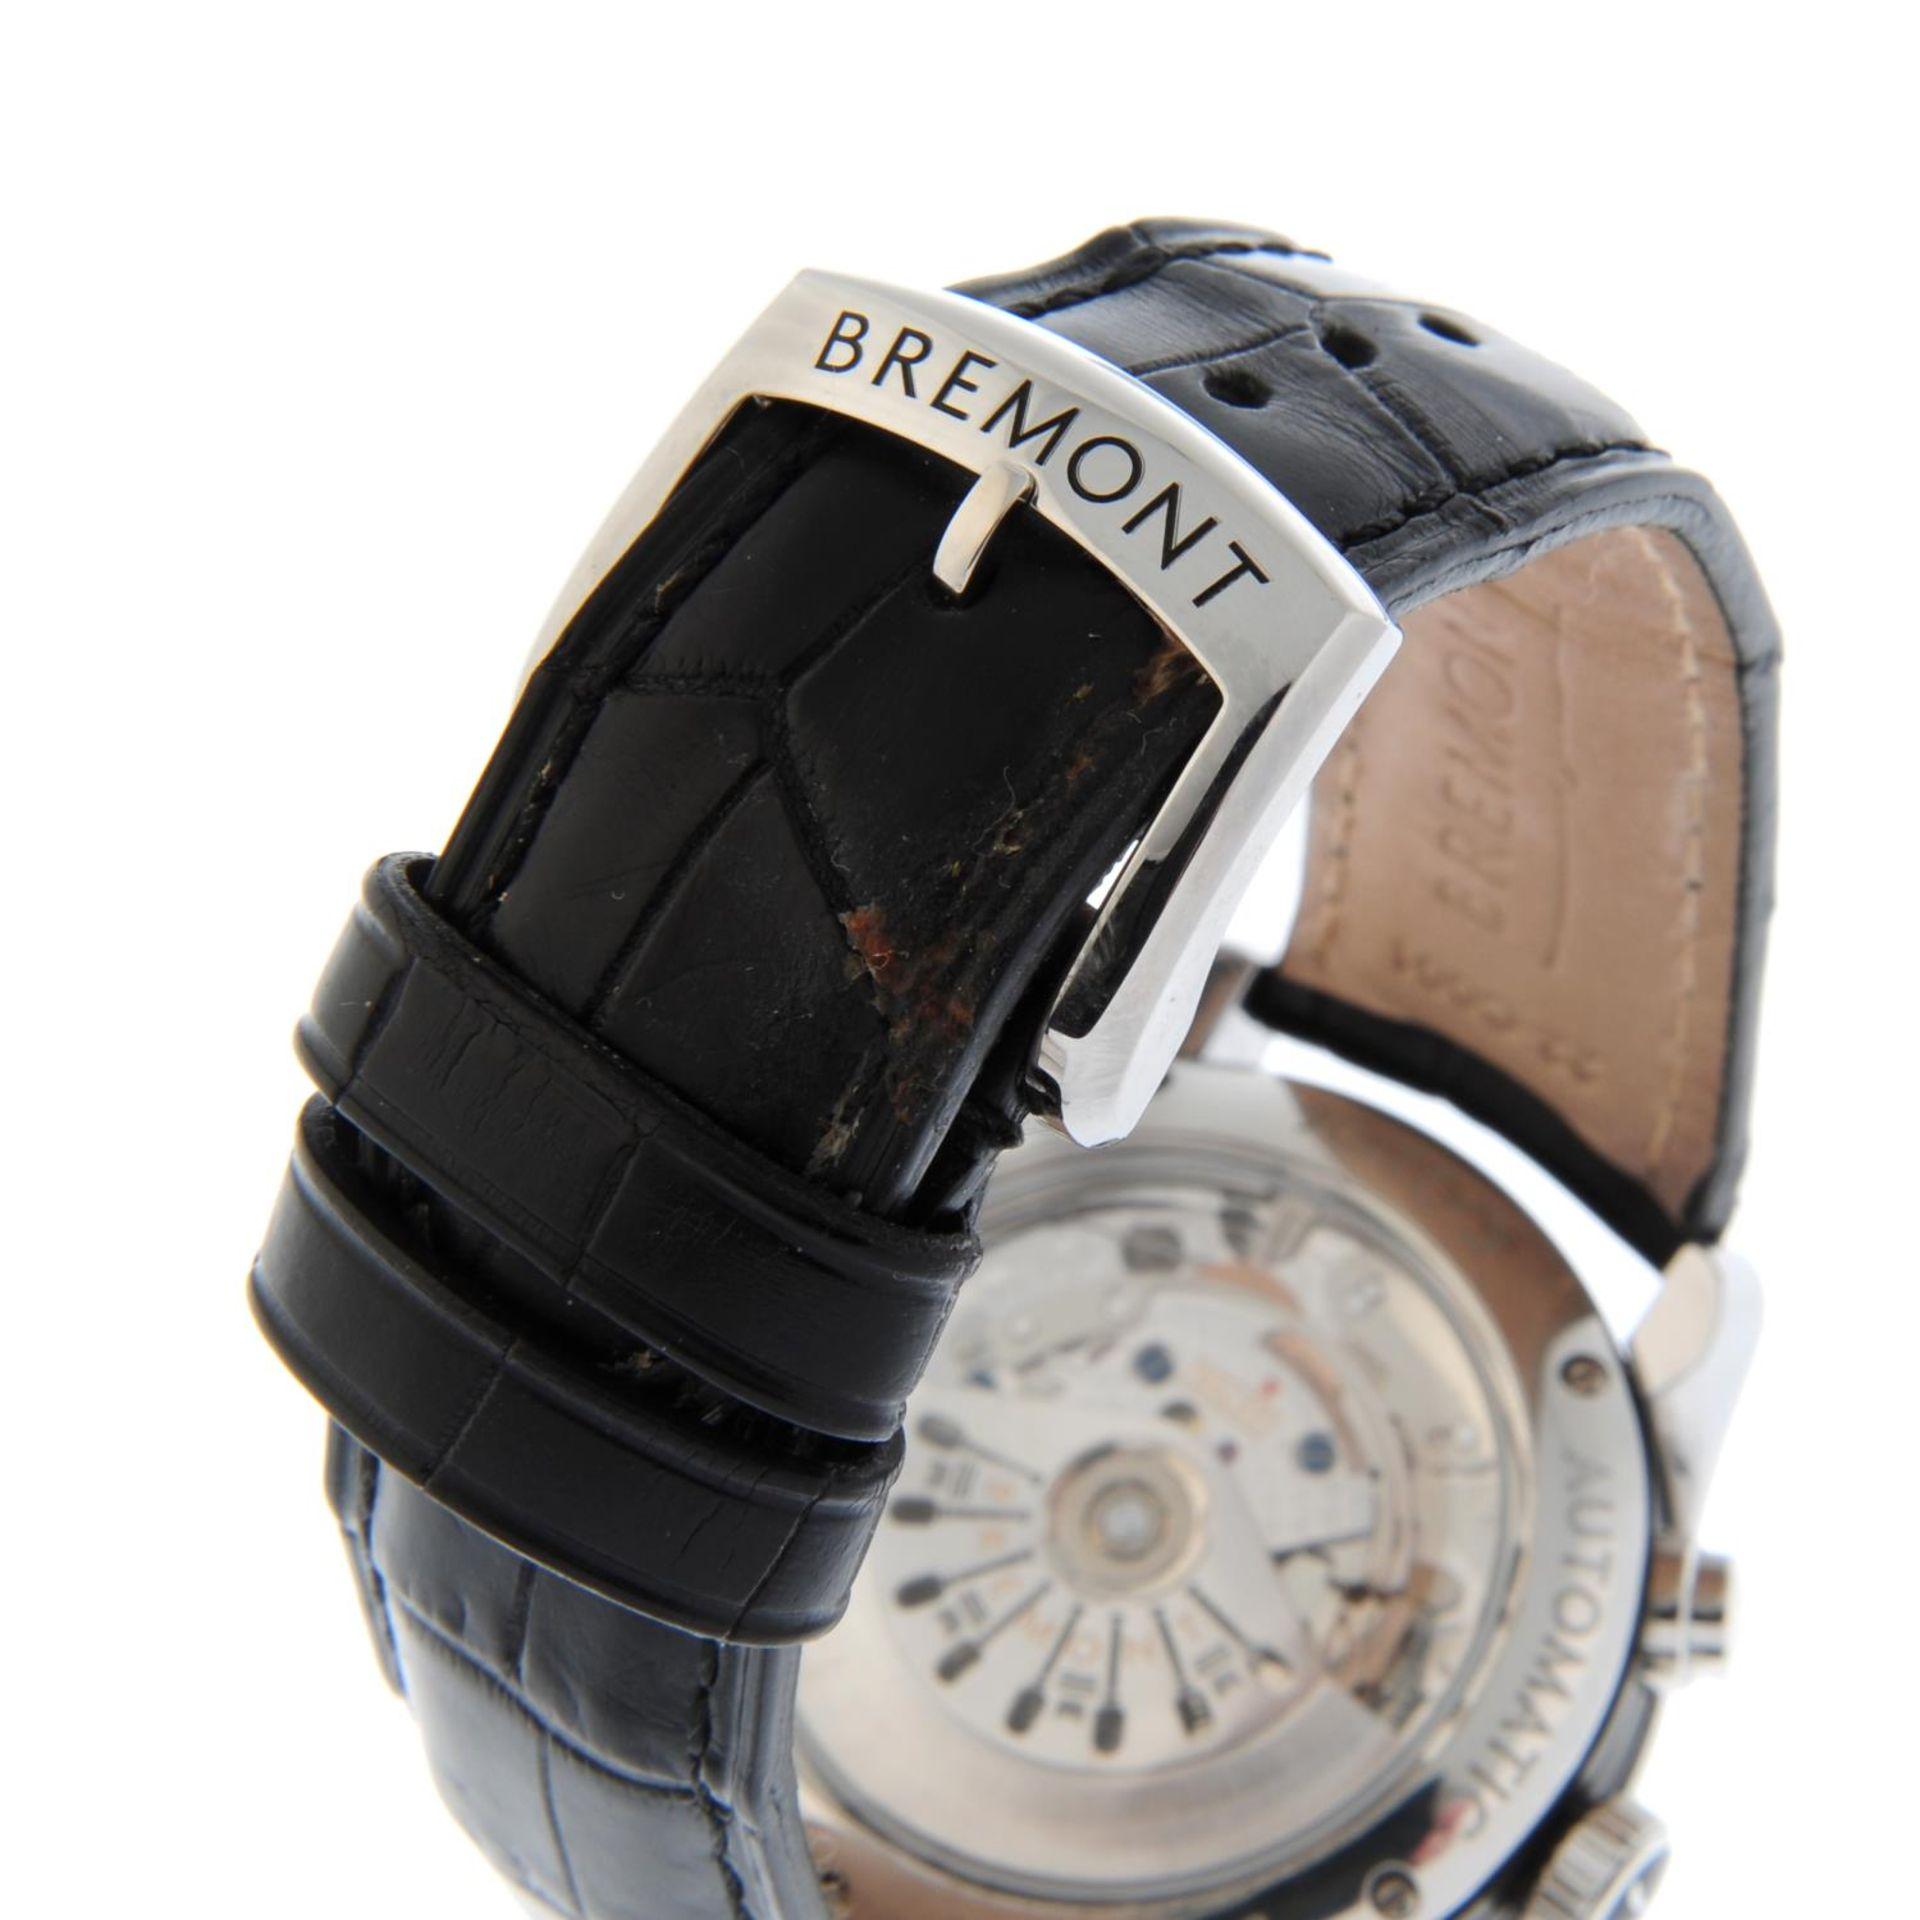 BREMONT - an ALT1-C wrist watch. - Bild 2 aus 5